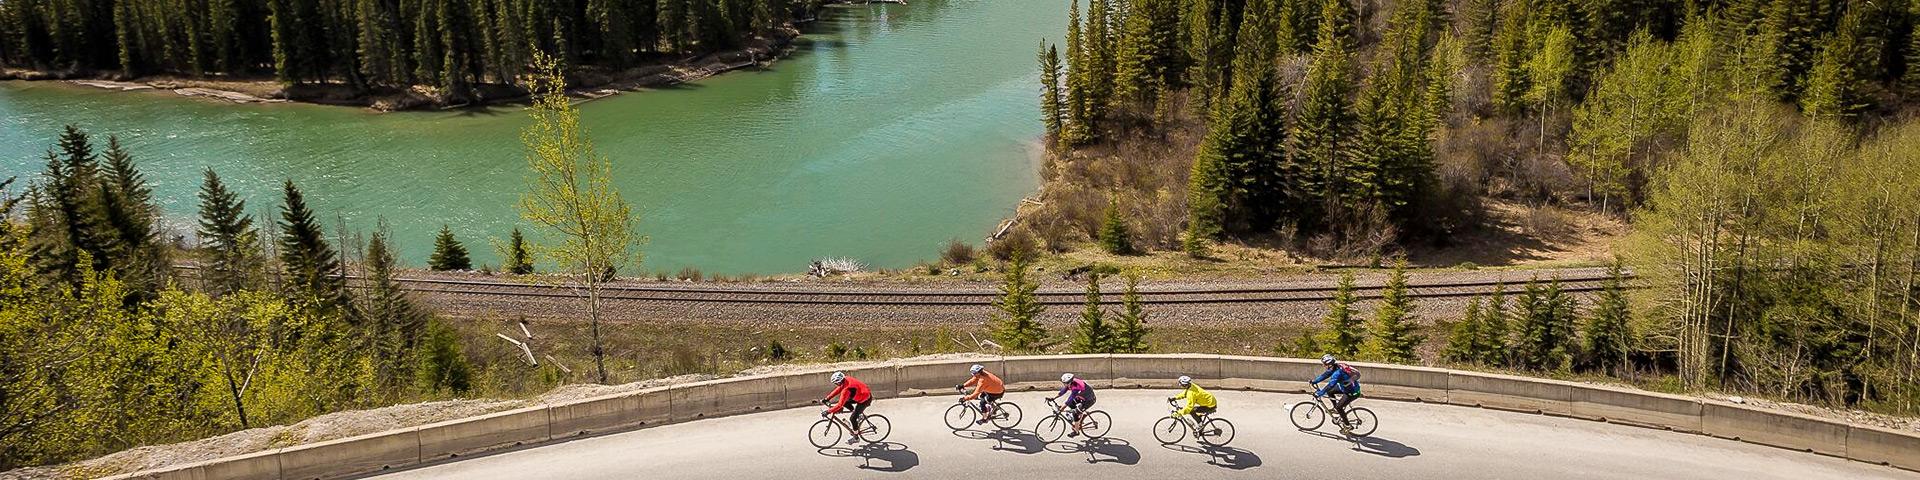 Jasper to Banff bike tour